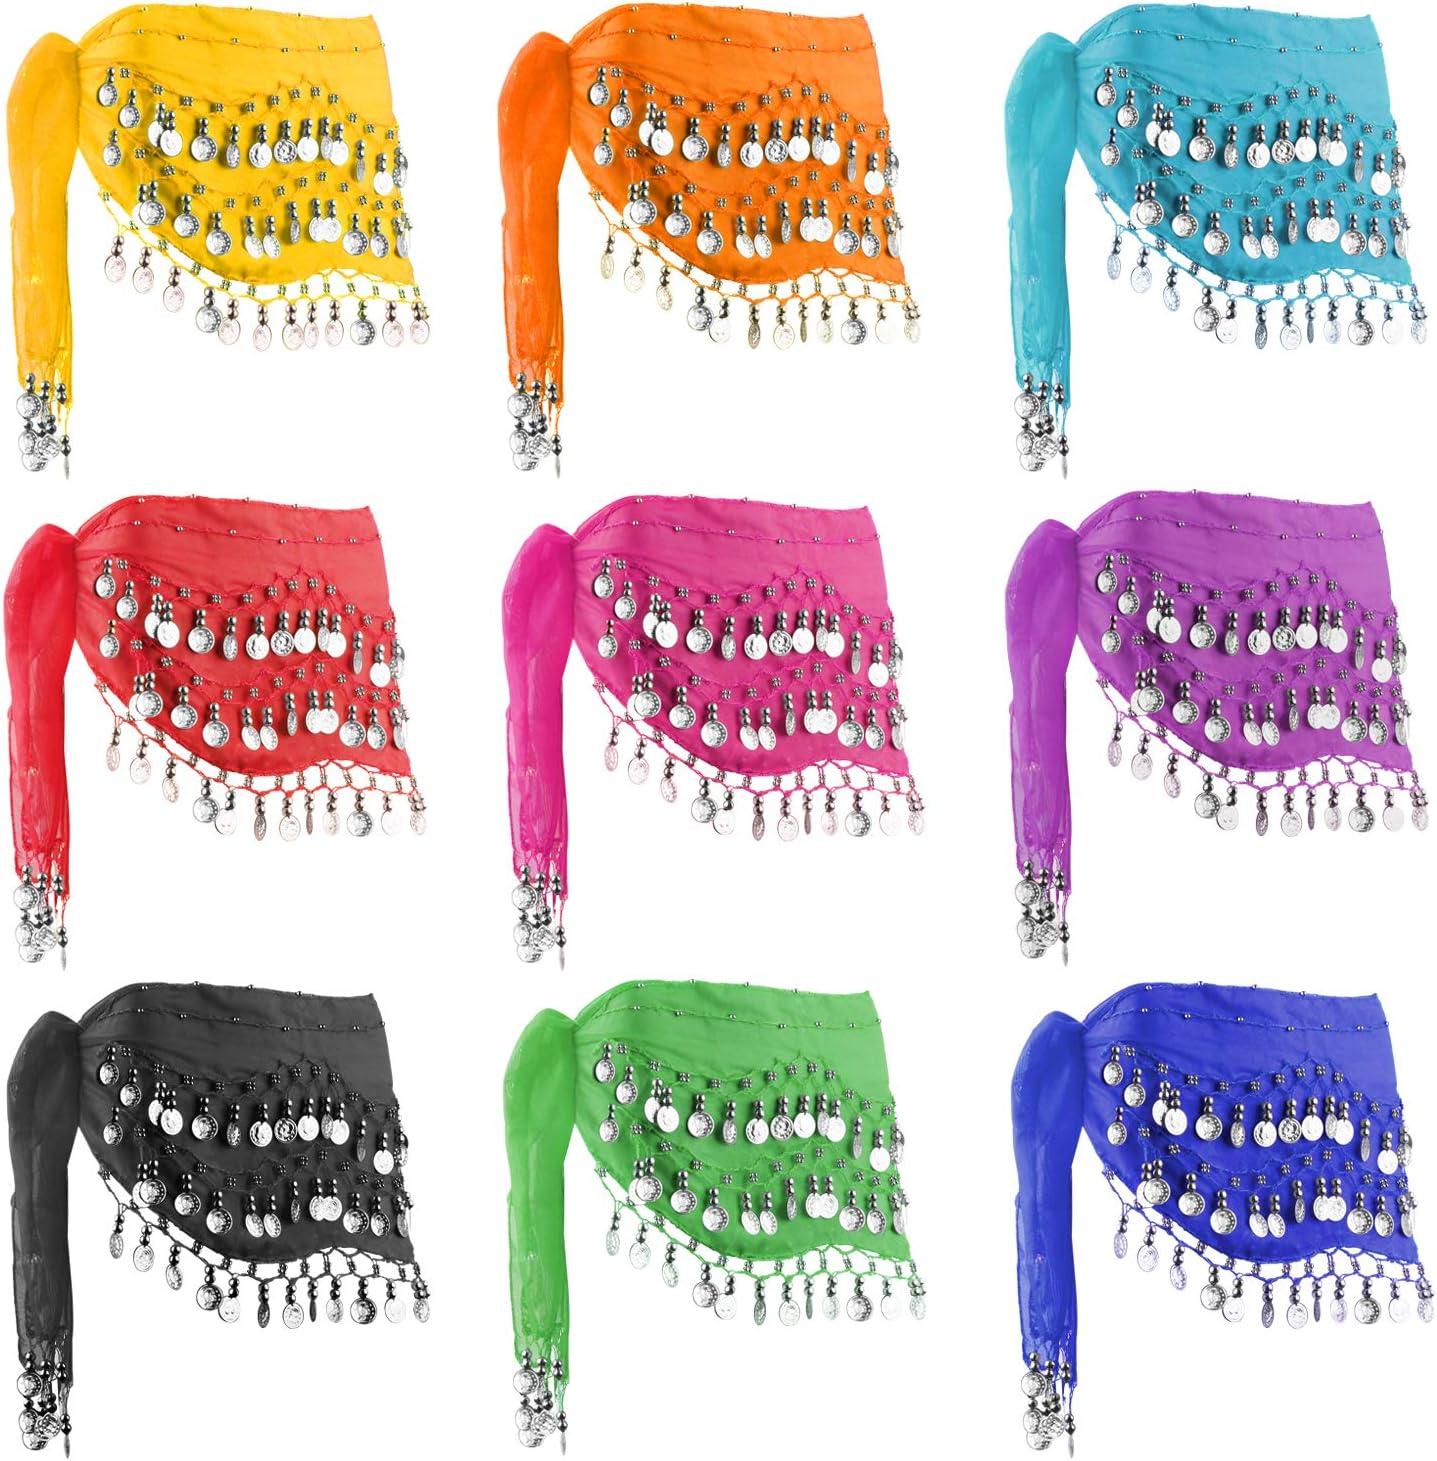 (銀 Colour Coins) - DROK 10PCS/LOT 128- ゴールド / 銀 Coins Belly Dance Waist Costume Belt, Chiffon Dangling Belly Dance Sequins Hip Scarf  銀 Color Coins